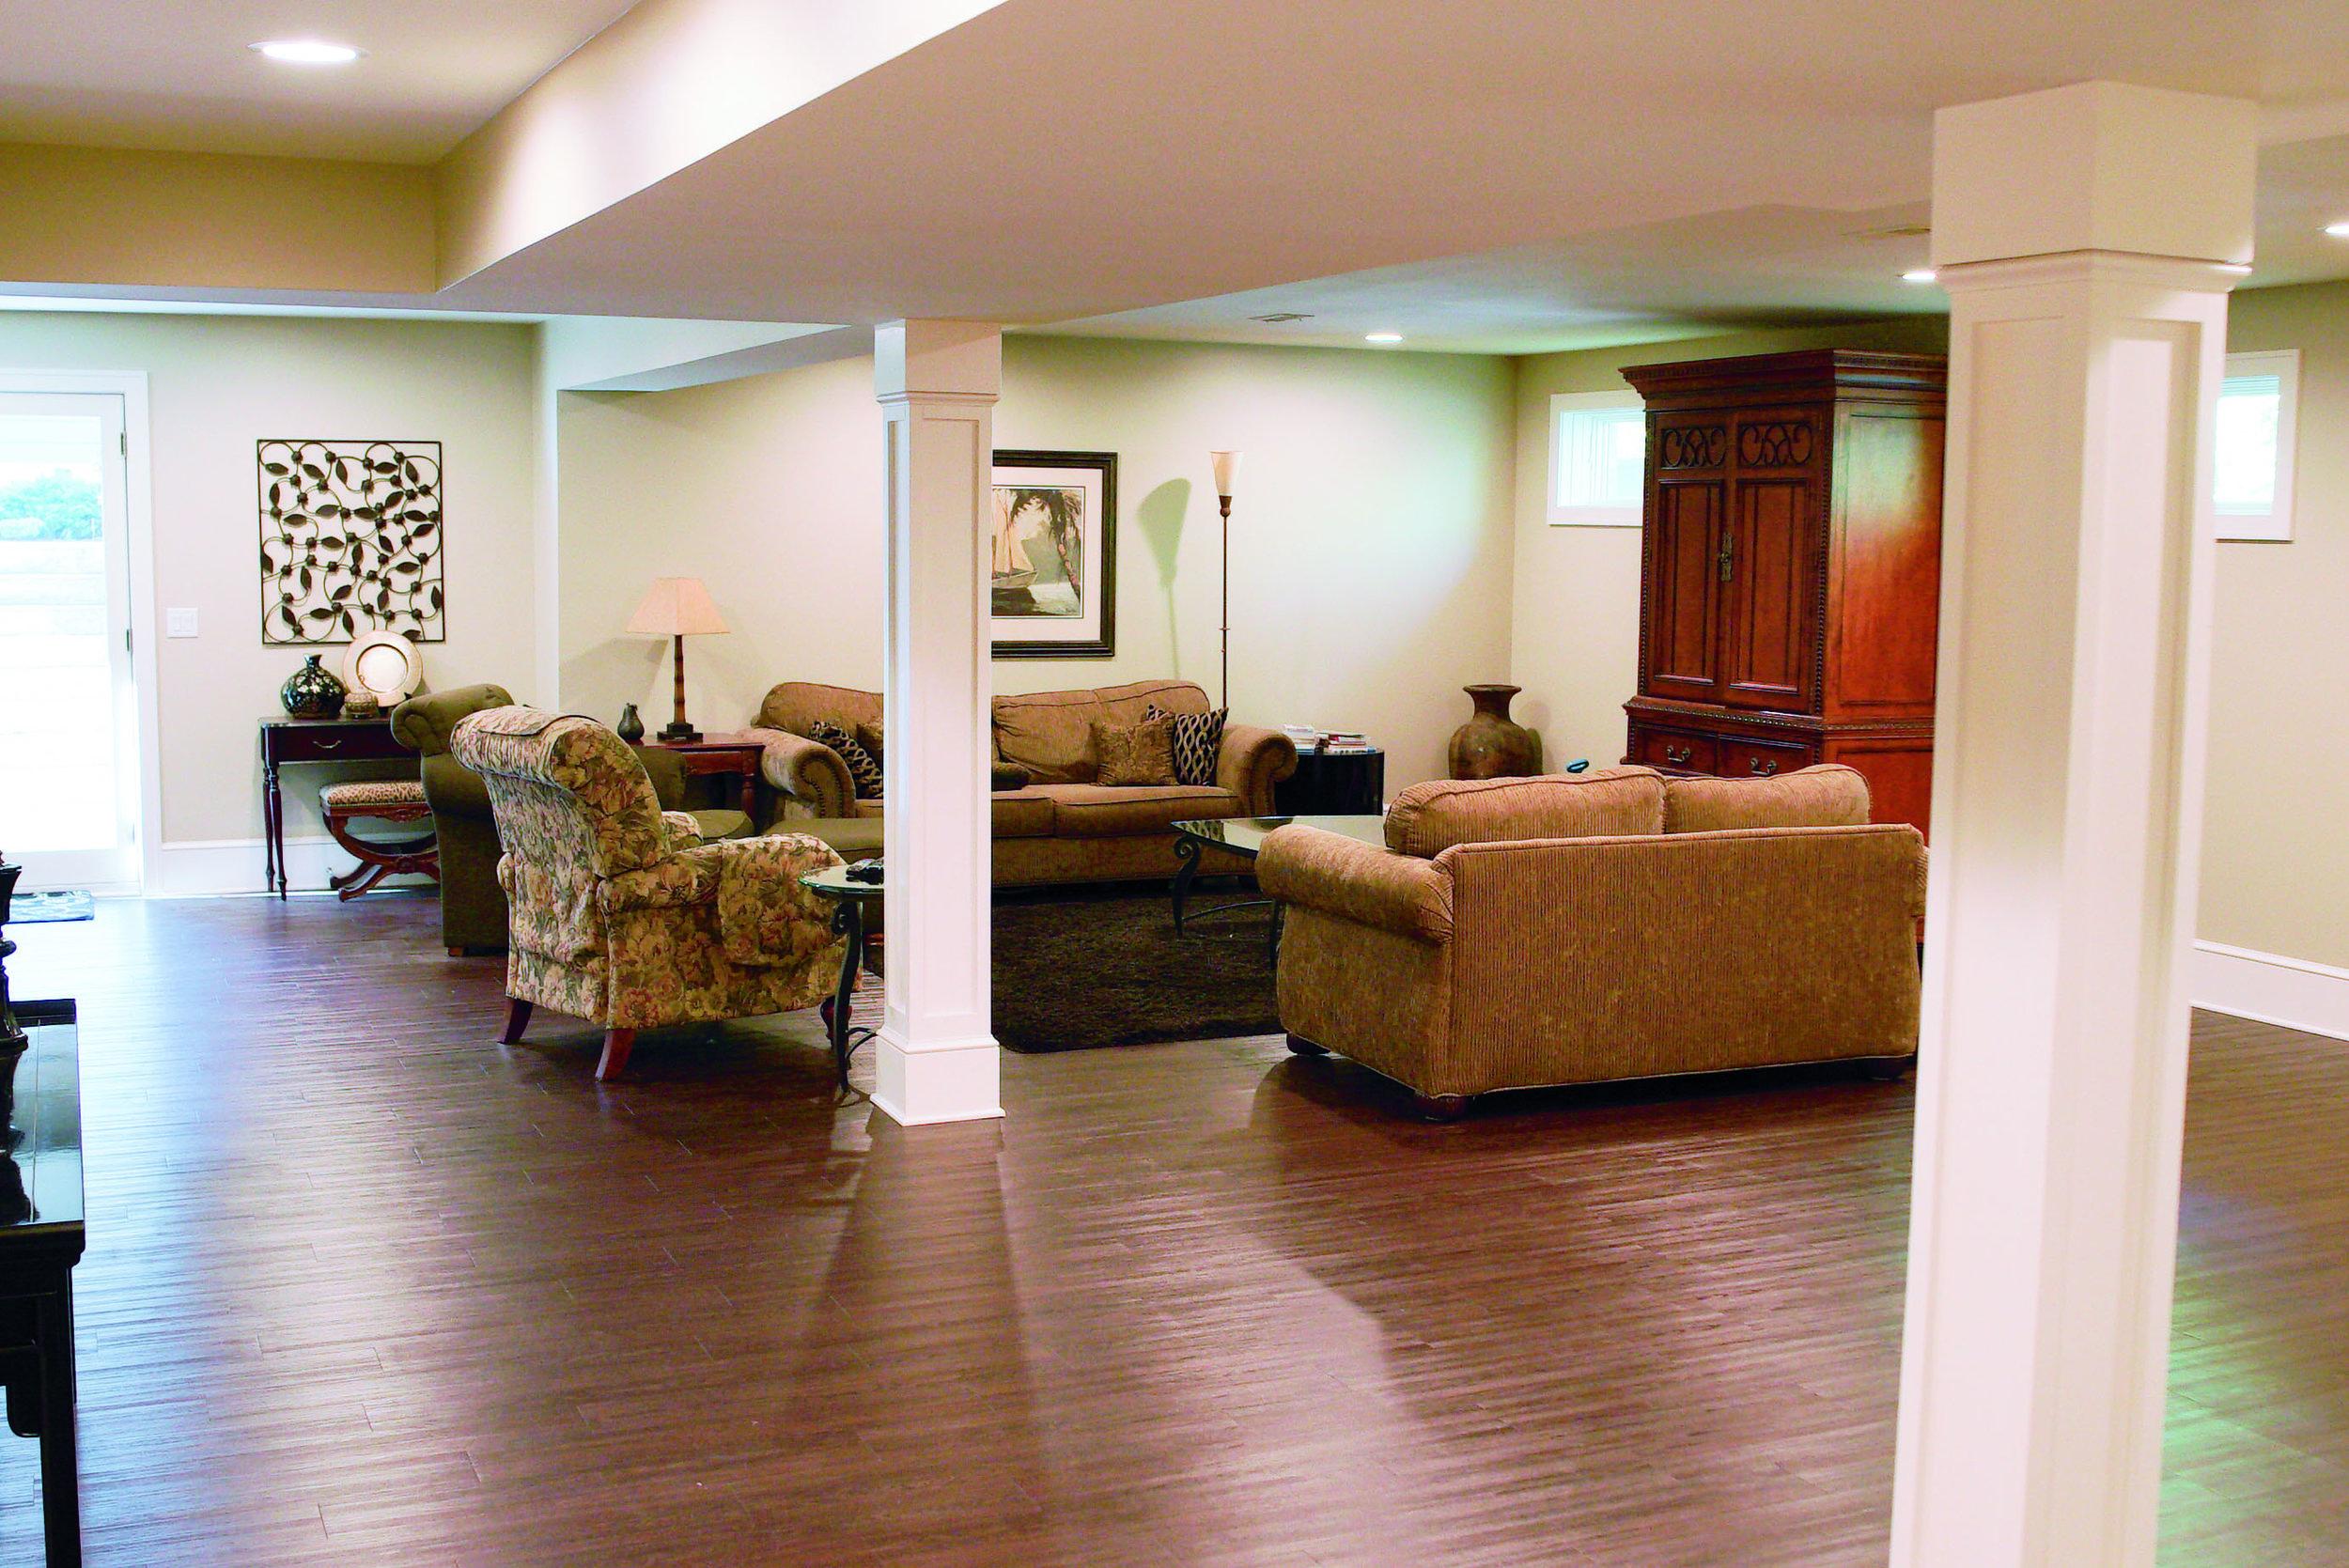 Basement_Living_room_DSC05839.jpg